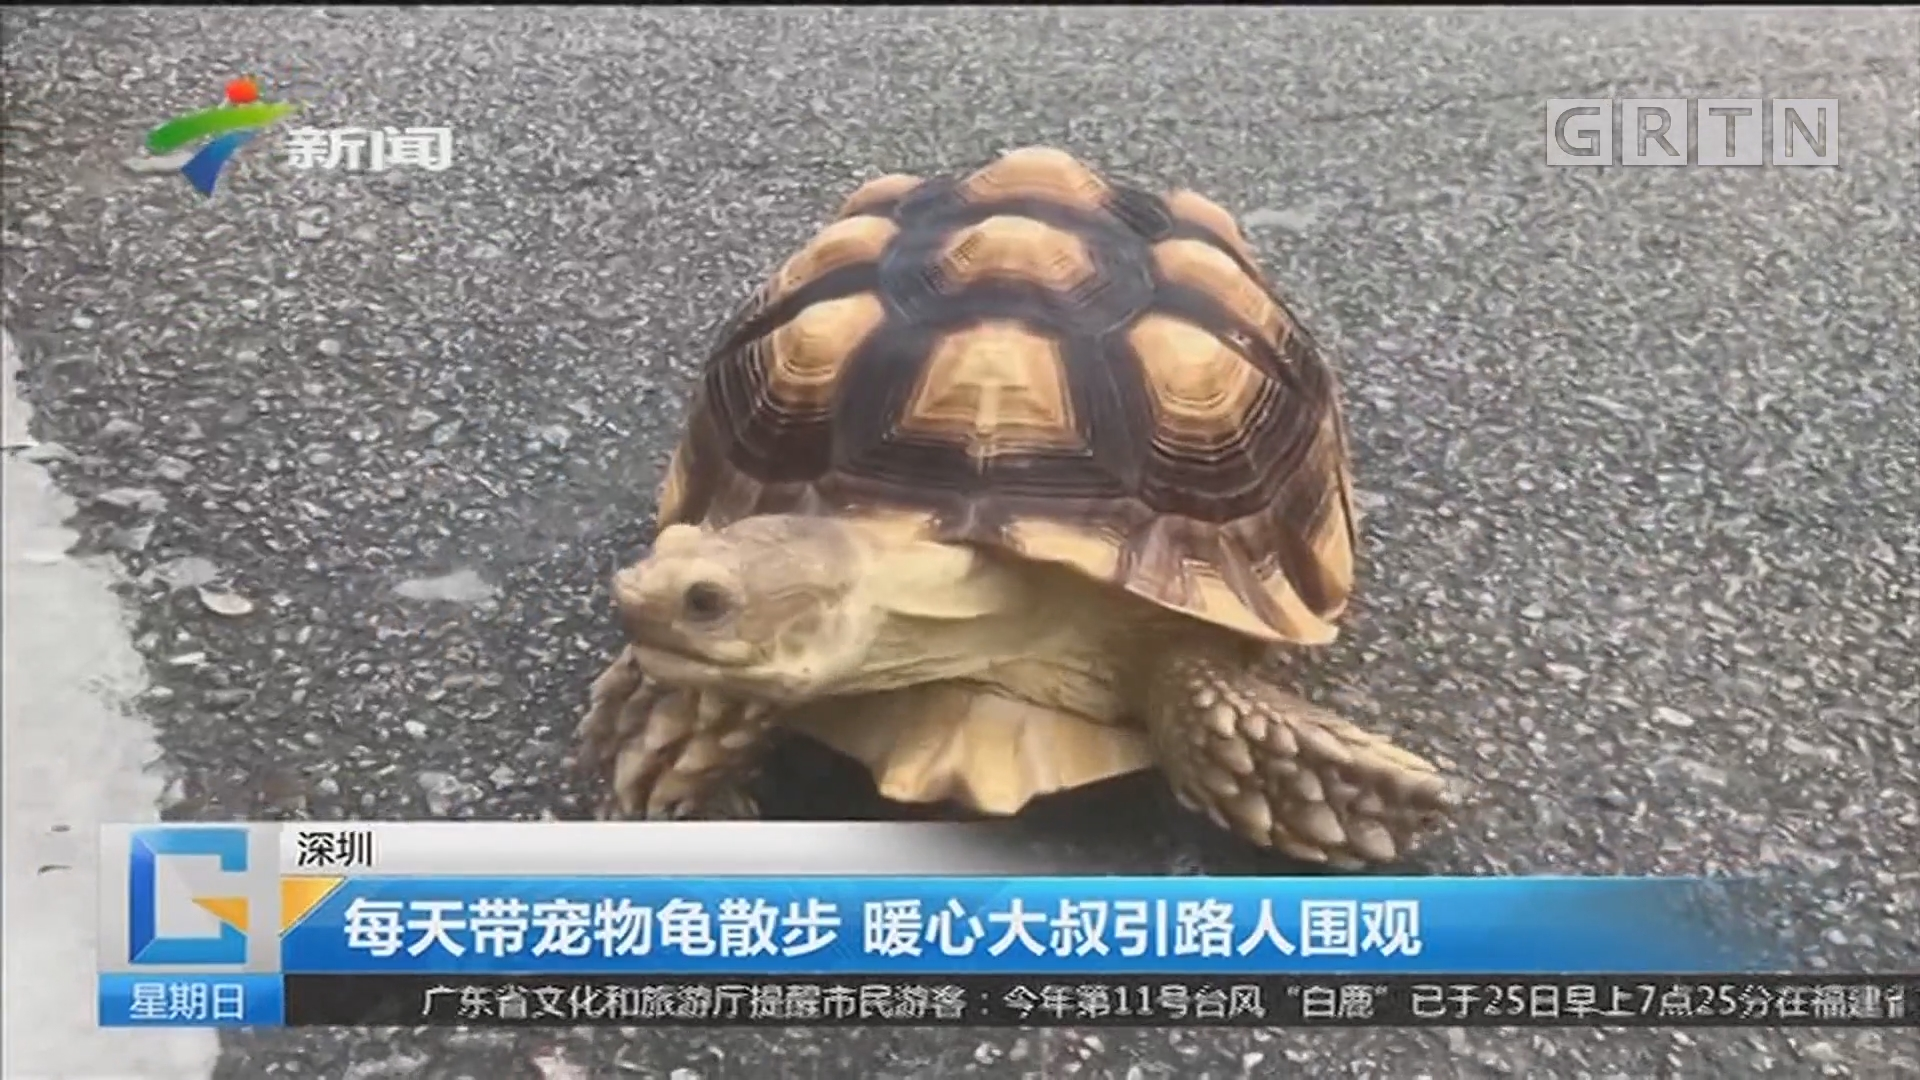 深圳:每天带宠物龟散步 暖心大叔引路人围观